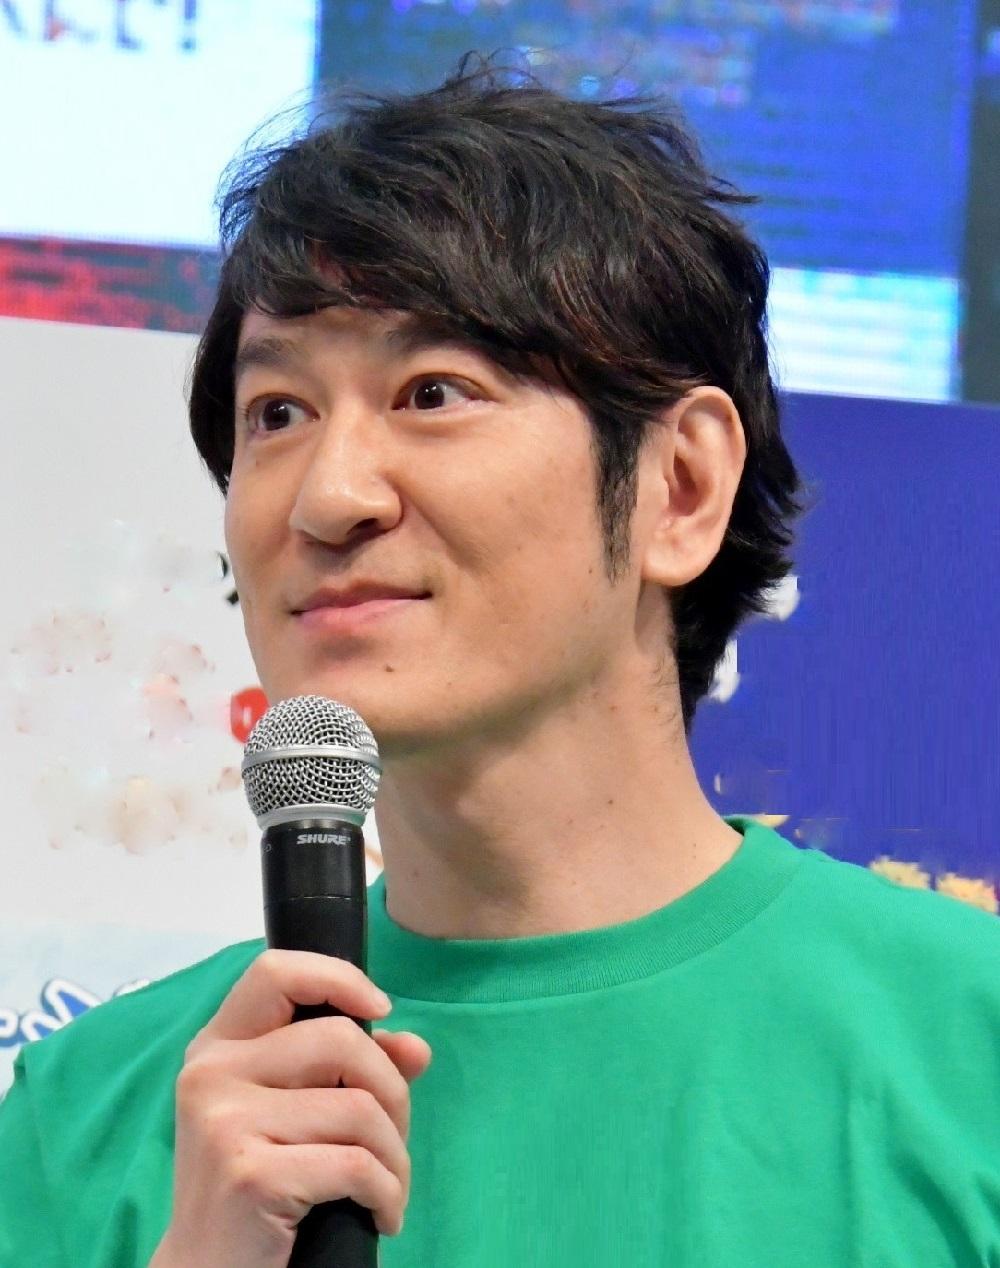 田中直樹は4月26日で49歳に